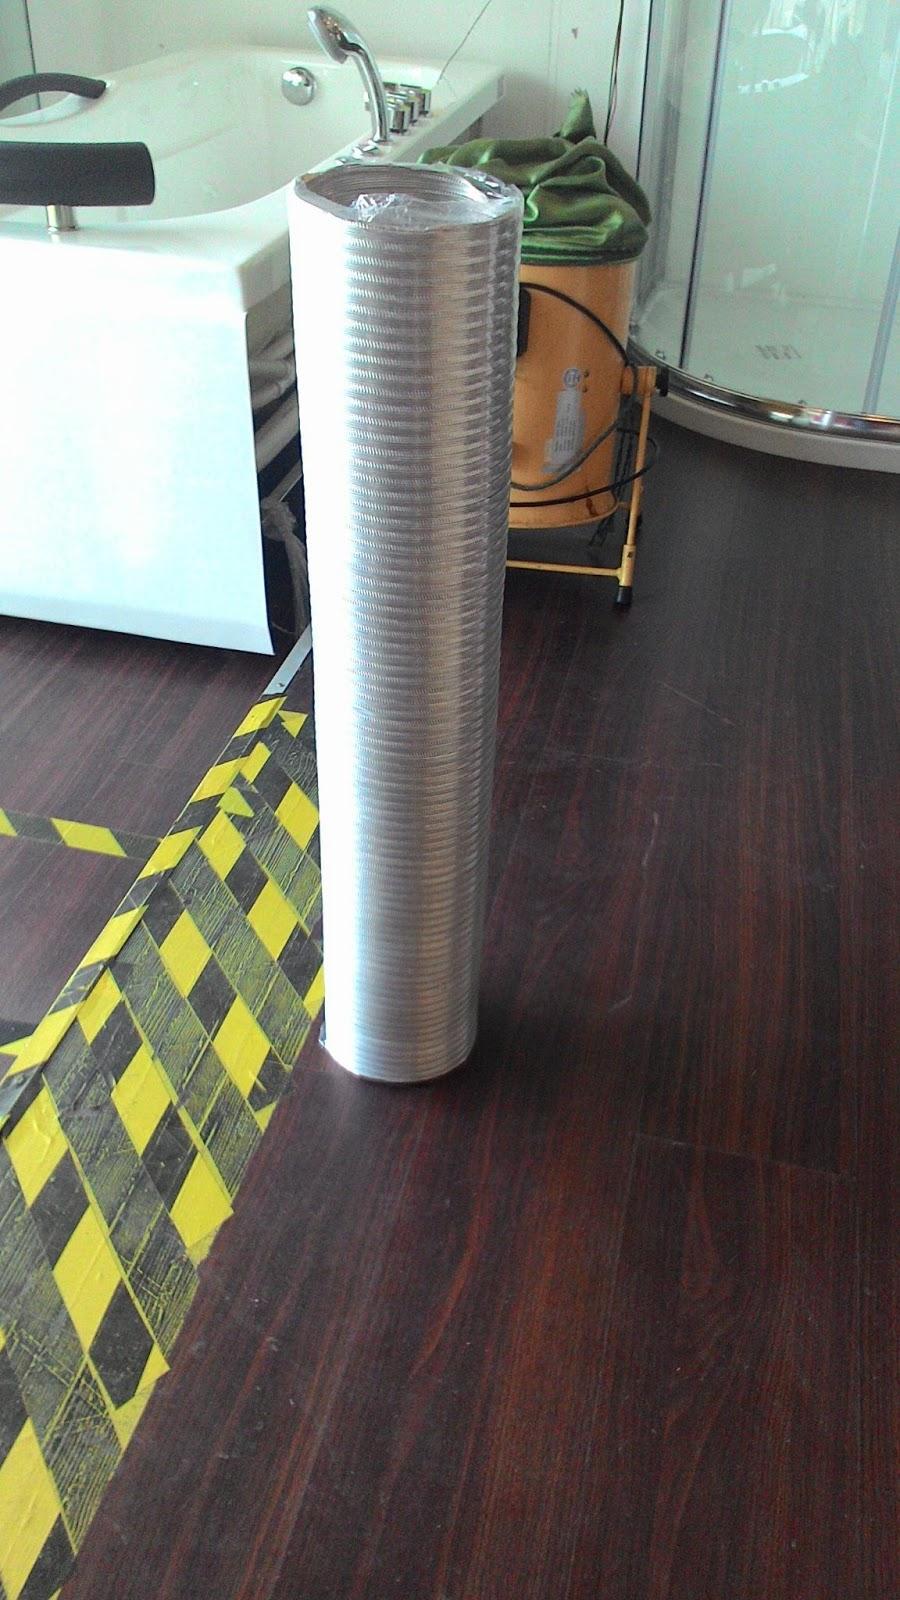 Dapat This 8ft Aluminium Coil Untuk Pemasangan Nanti Actually Dalam Pakej Ni Dah Yg Pvc Tp Orang Kedai Ckp Dorang Bagi